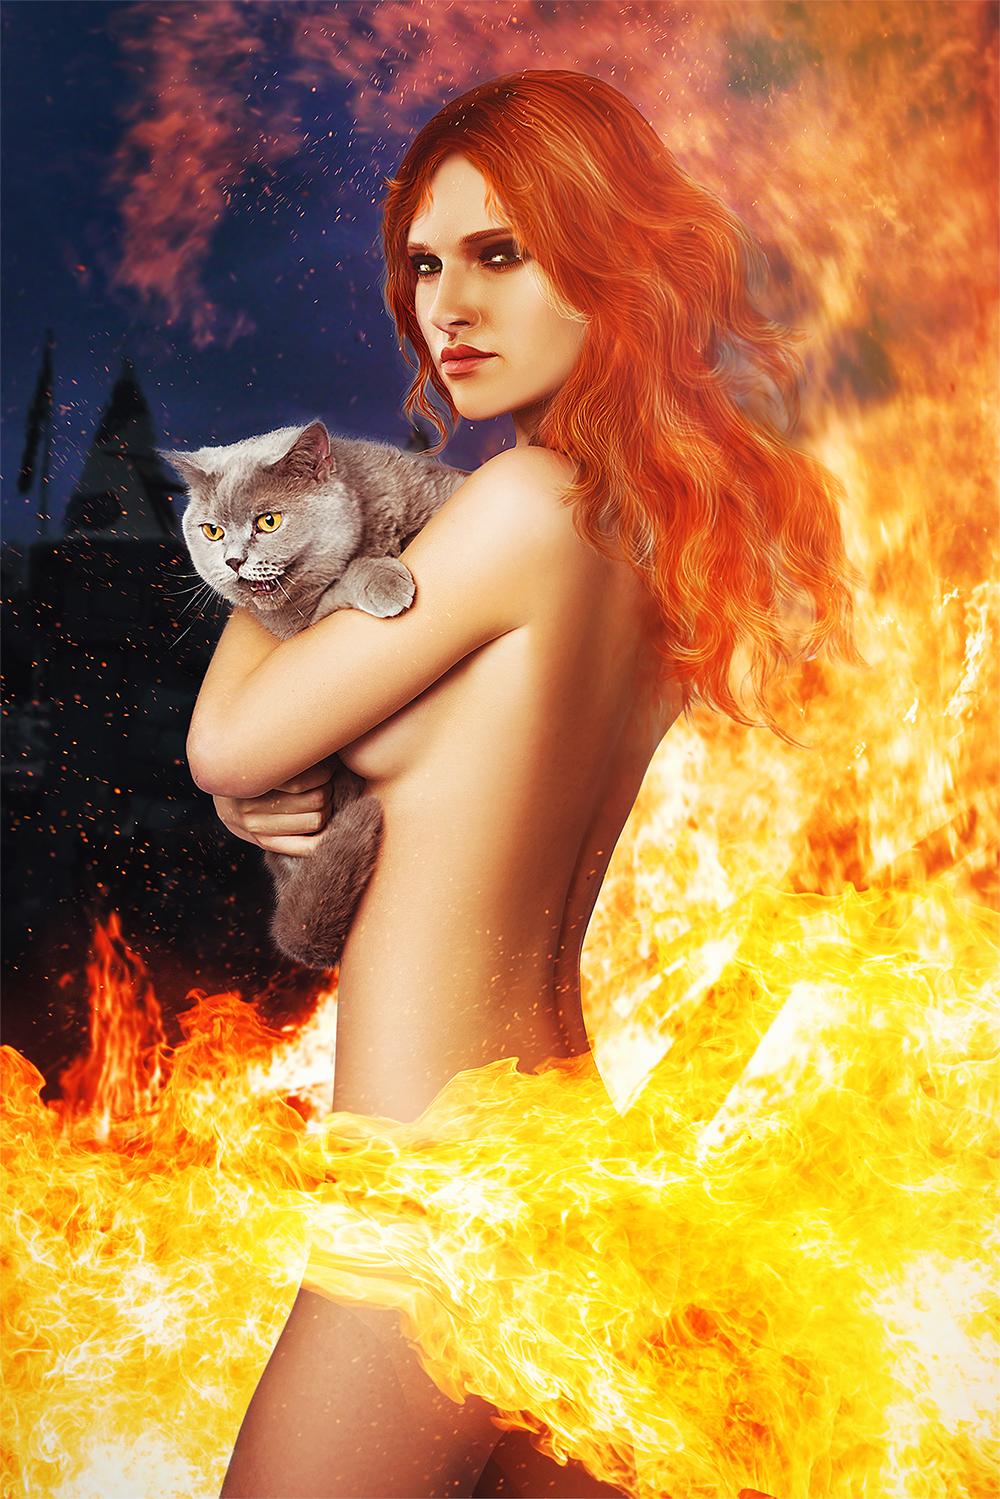 Eroticcg triss merigold nackt pics